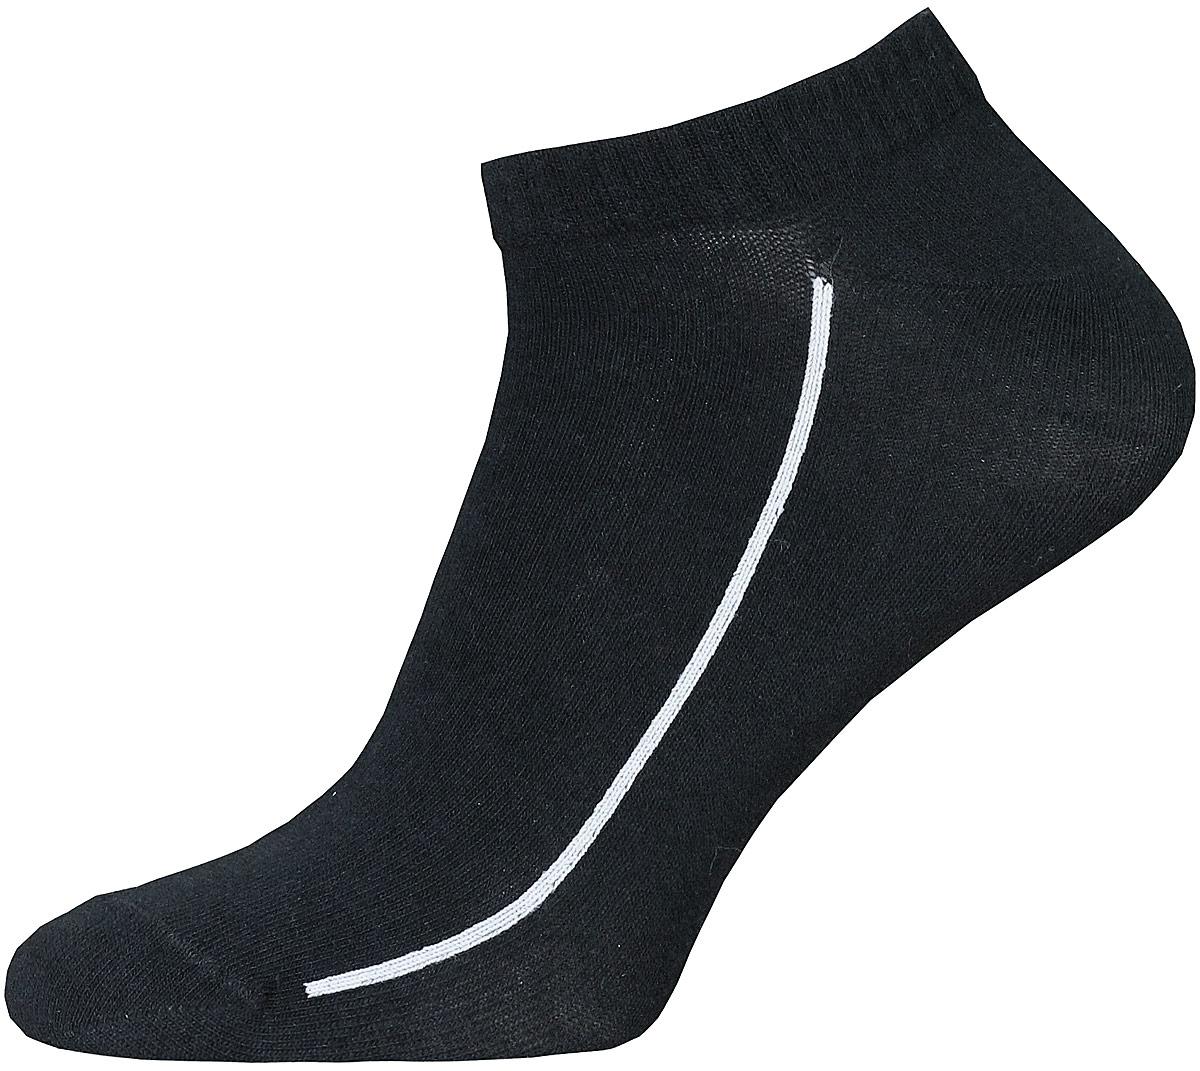 Носки14С2312/006Мужские носки Брестские Active, изготовленные из хлопка с добавлением полиэстера и эластана, идеально подойдут для занятий спортом. Укороченная модель имеет мягкую резинку с двойным бортом. Носки хорошо держат форму и обладают повышенной воздухопроницаемостью. Усиленные пятка и мысок обеспечивают надежность и долговечность.